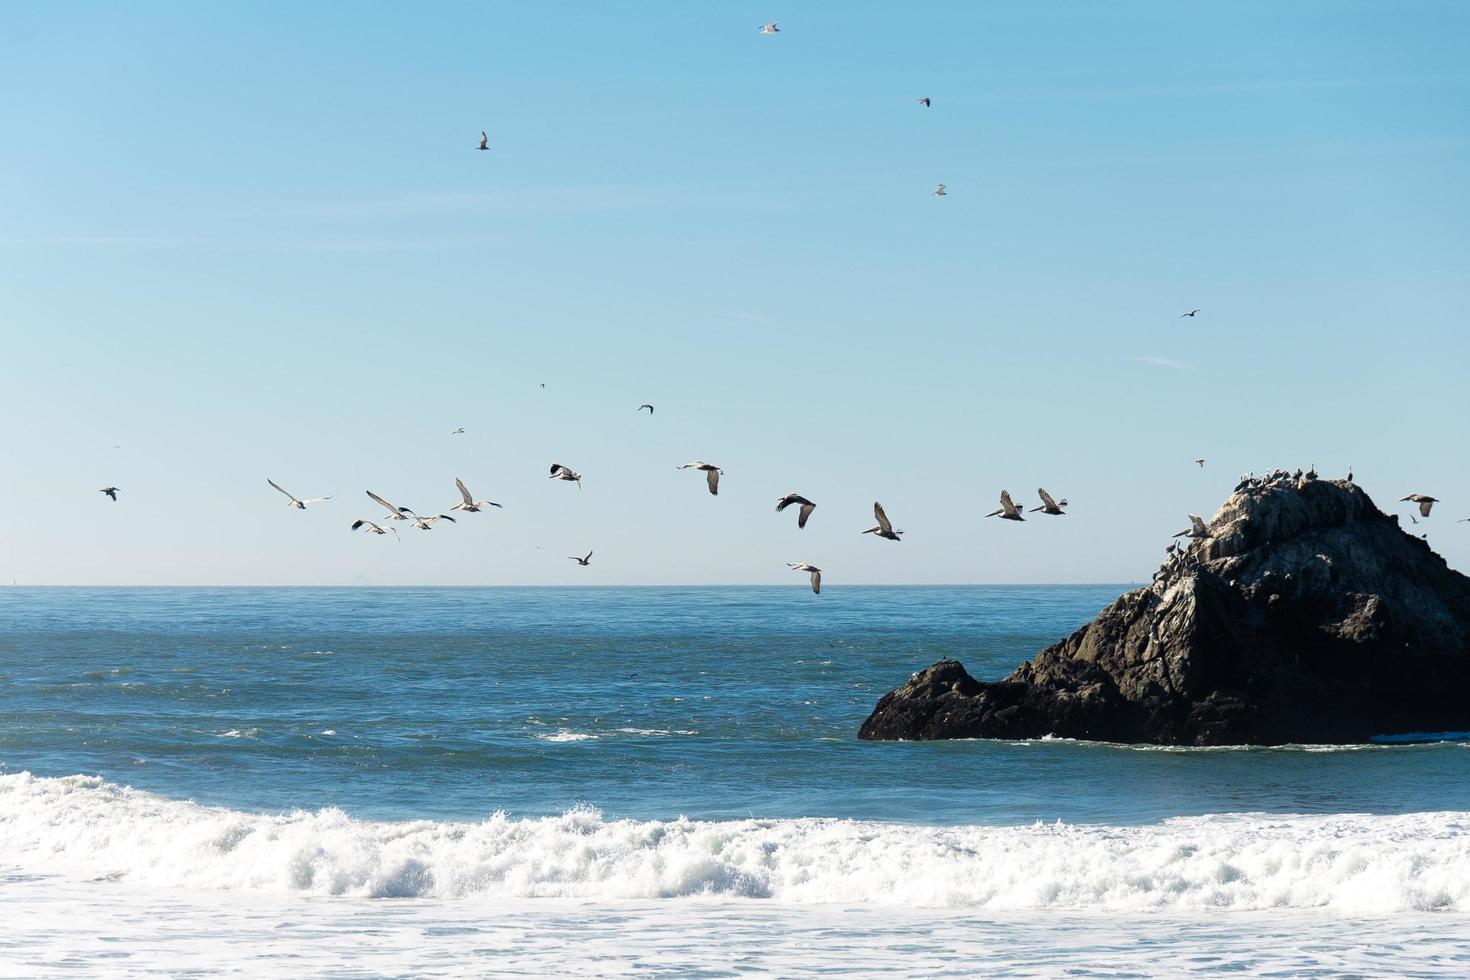 uccelli che volano sopra l'oceano foto